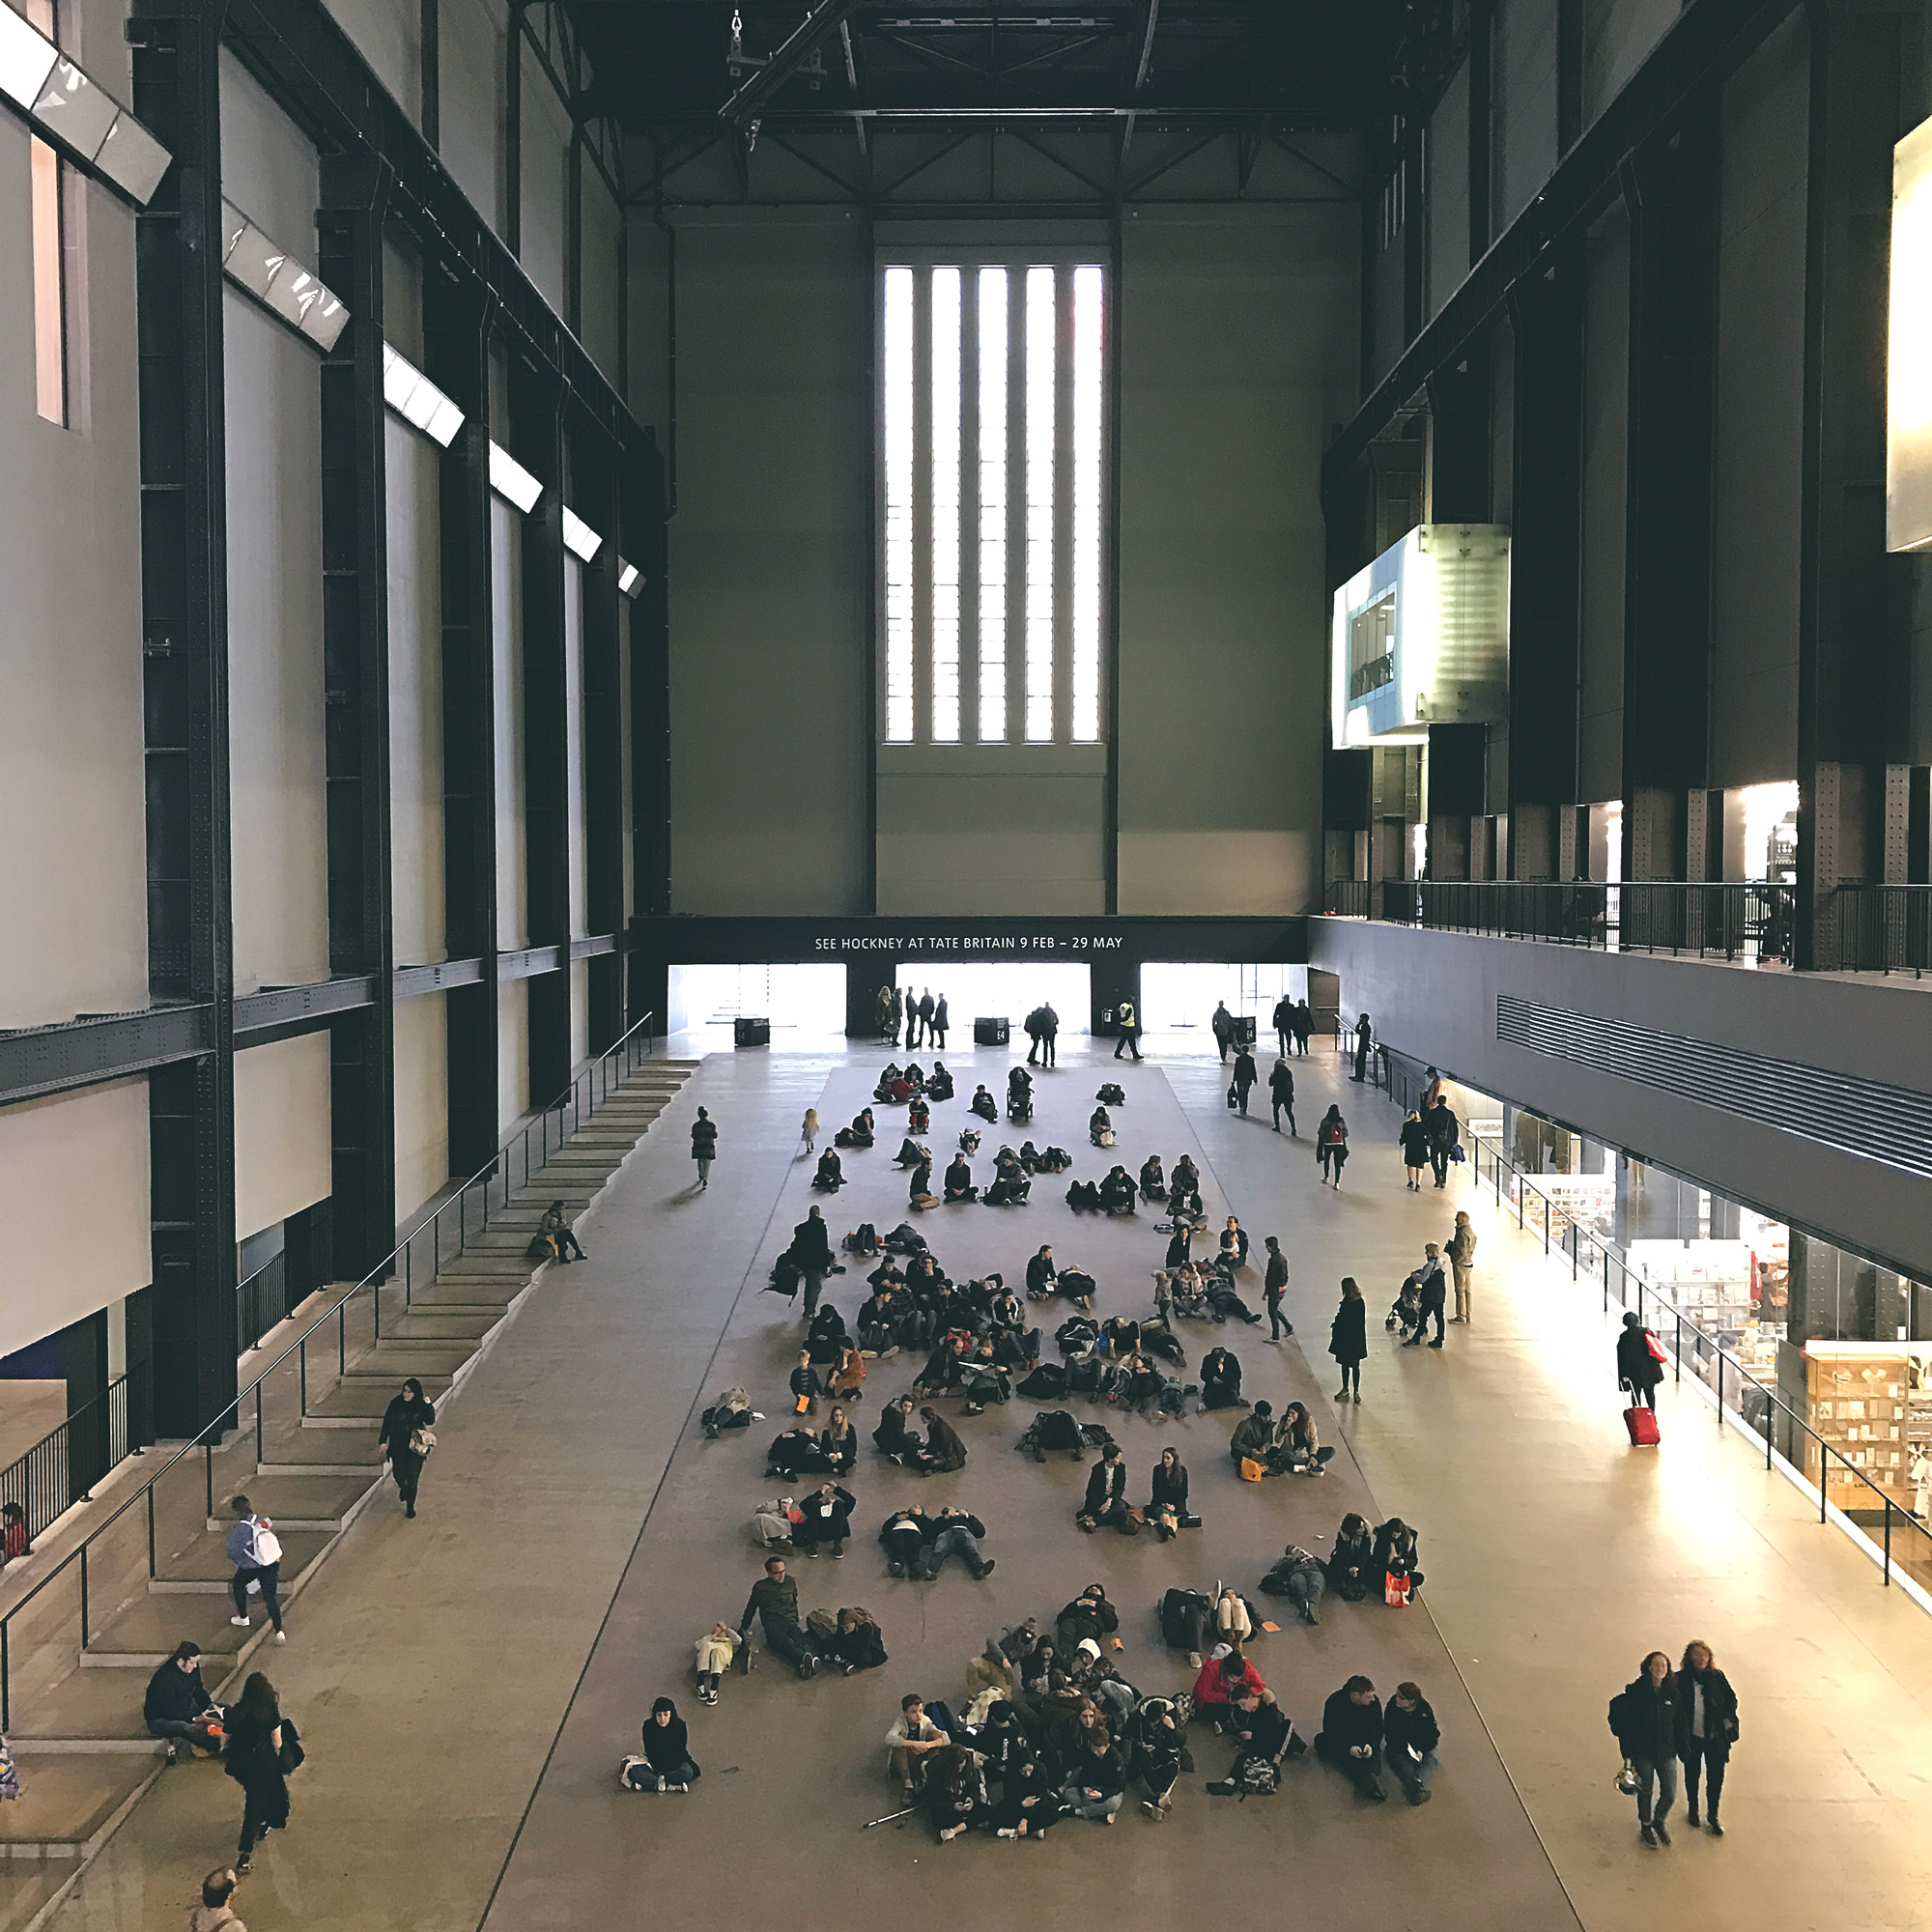 Så fett: Tate Modern. Det bästa var installationen som pågick här i turbinhallen. Mikroorganismer triggade suggestiva sekvenser med ljus, ljus och rörelser som omslöt hela den här stora hallen.